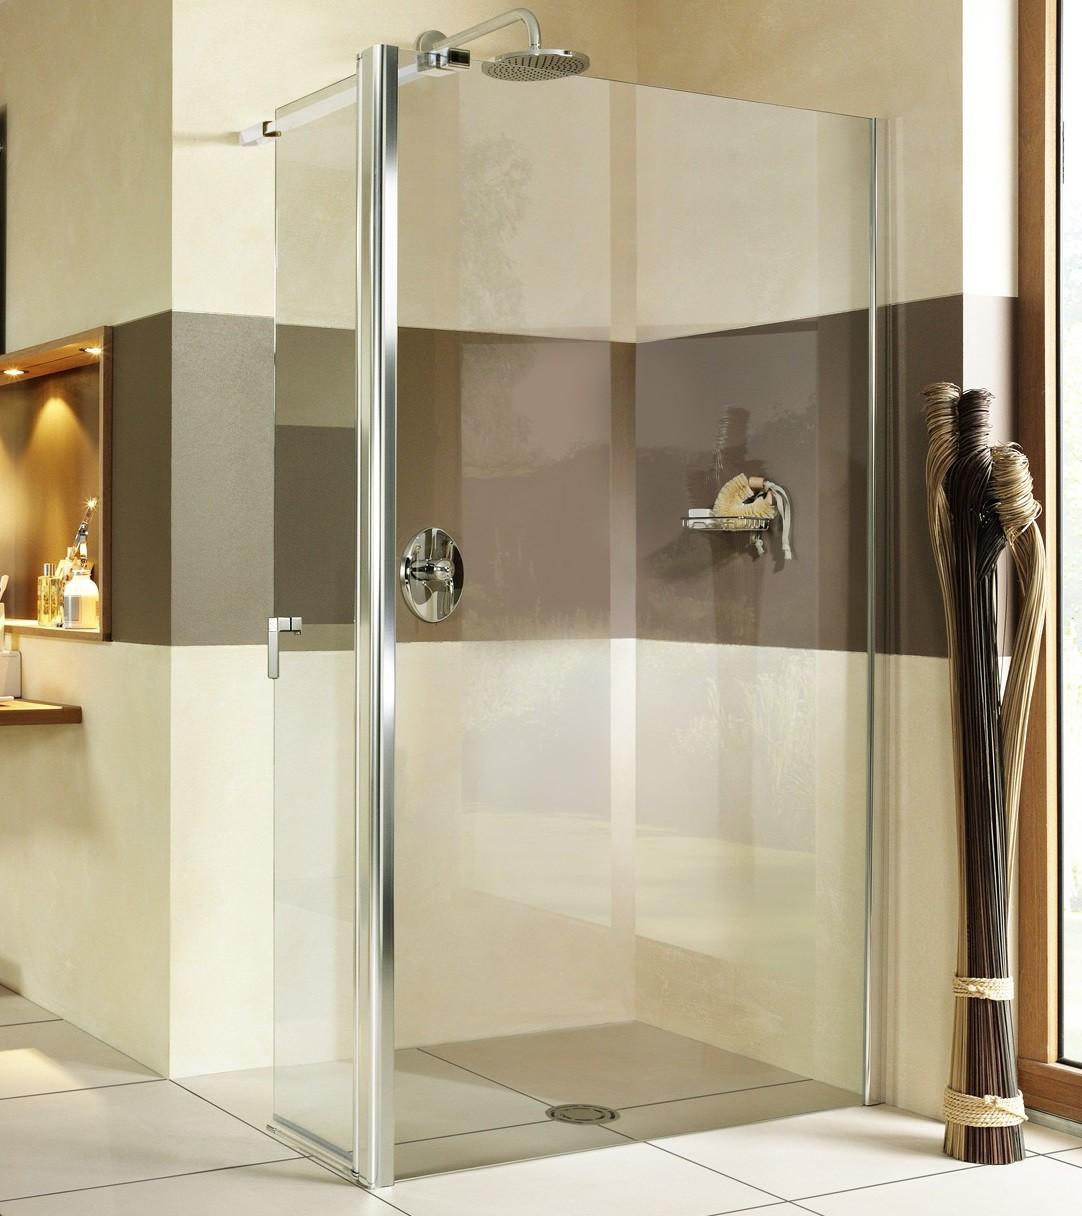 Full Size of Unterputz Armatur Dusche 80x80 Begehbare Eckeinstieg Hüppe Duschen Bodenebene Raindance Glasabtrennung Bluetooth Lautsprecher Glastür Mischbatterie Fliesen Dusche Glasabtrennung Dusche